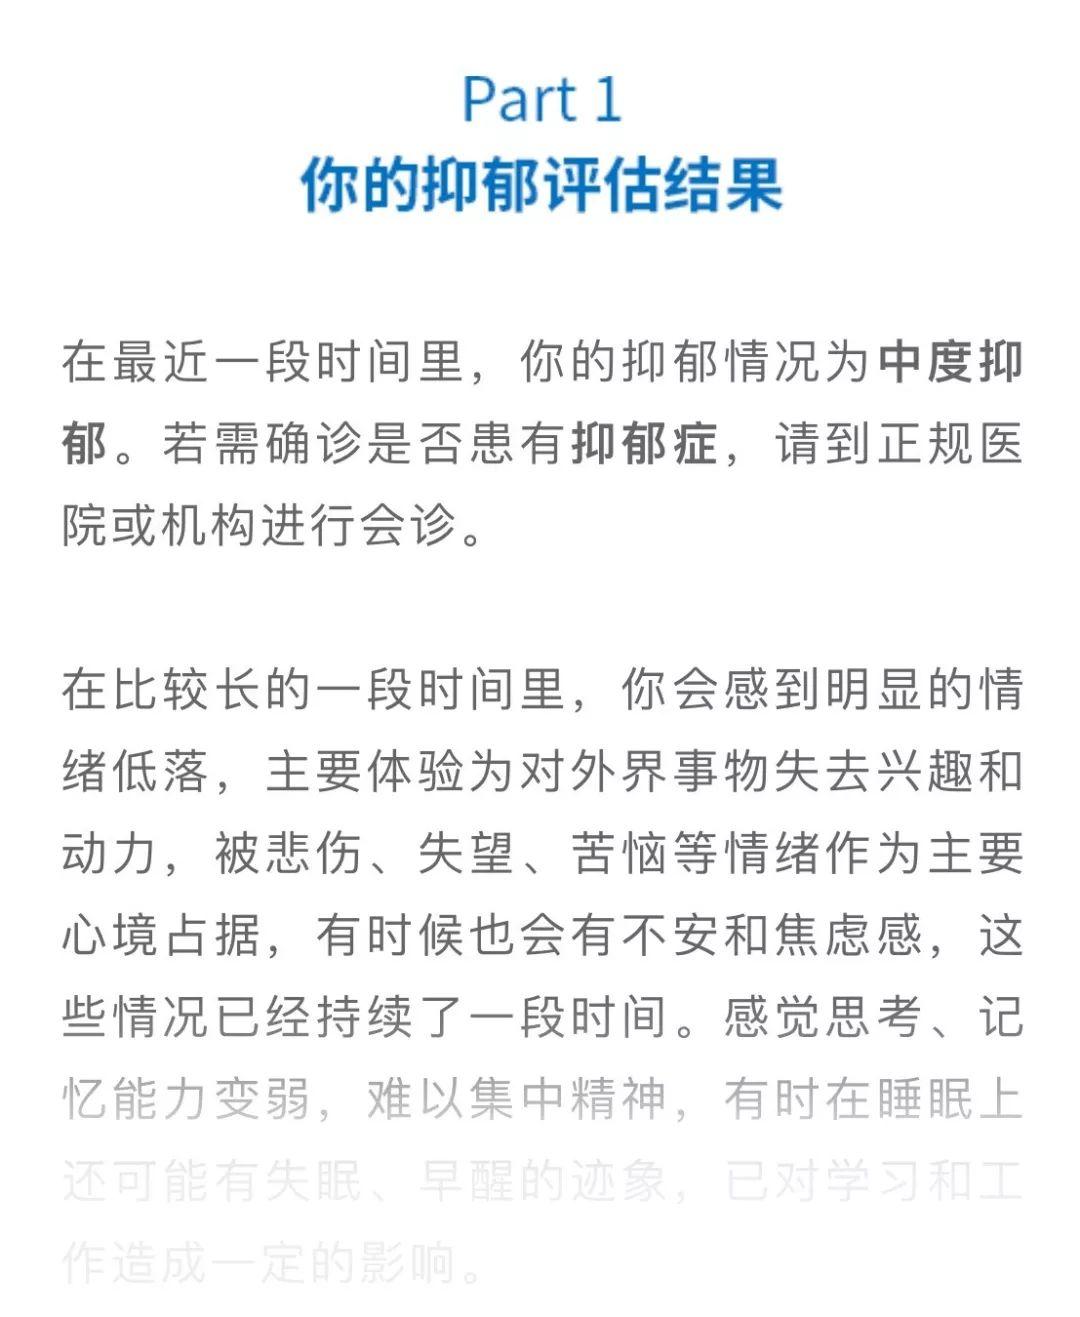 抑郁症官方测试题 - 心理减压 - 民福康健康(m.39yst.com)